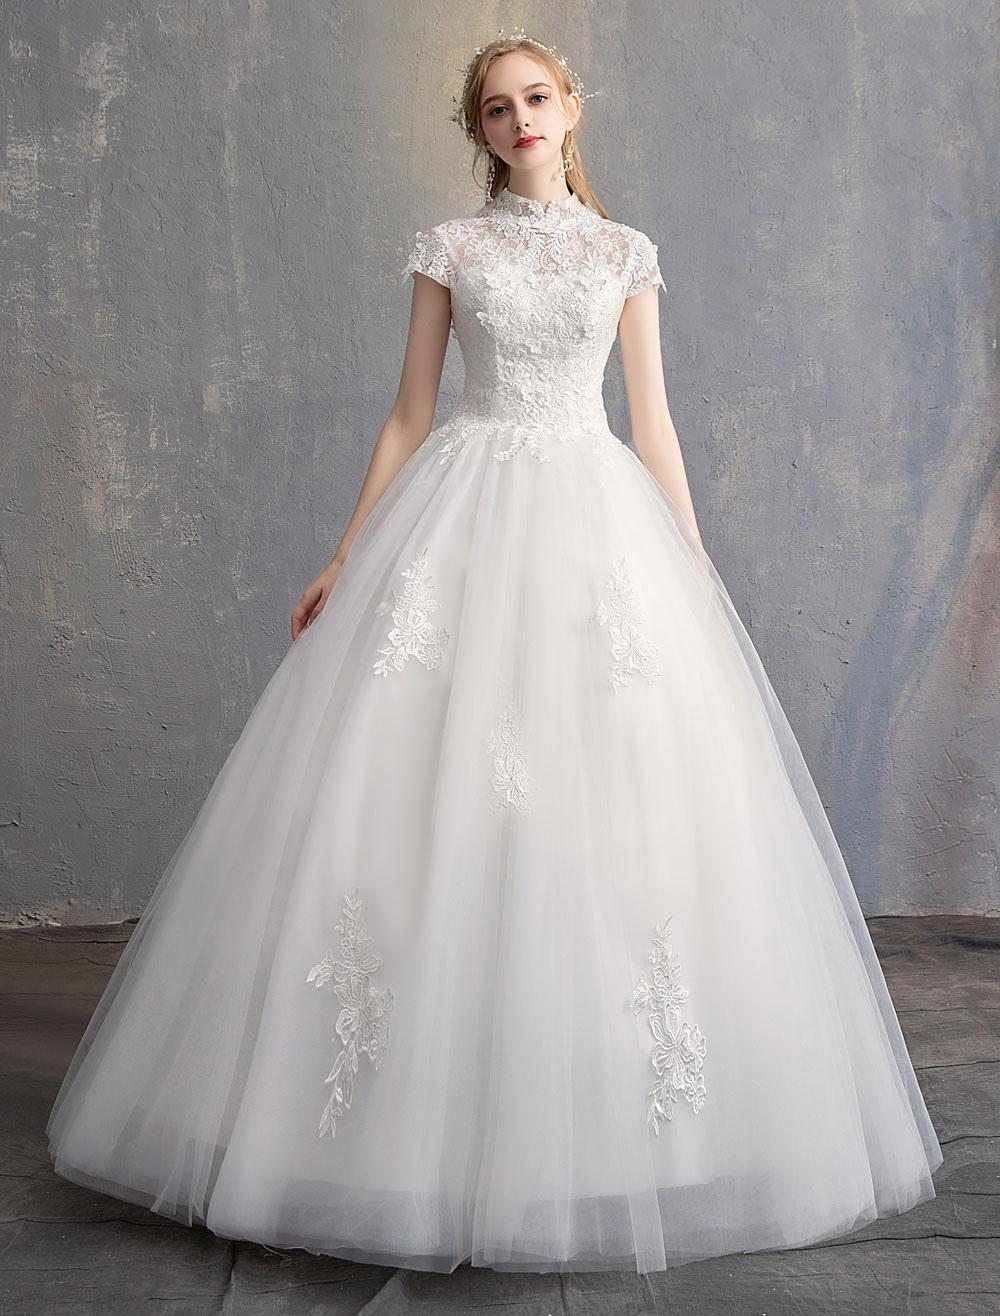 Prinzessin Brautkleider Ballkleid Elfenbein Spitze Blumen Stehkragen Tüll  Bodenlangen Brautkleid